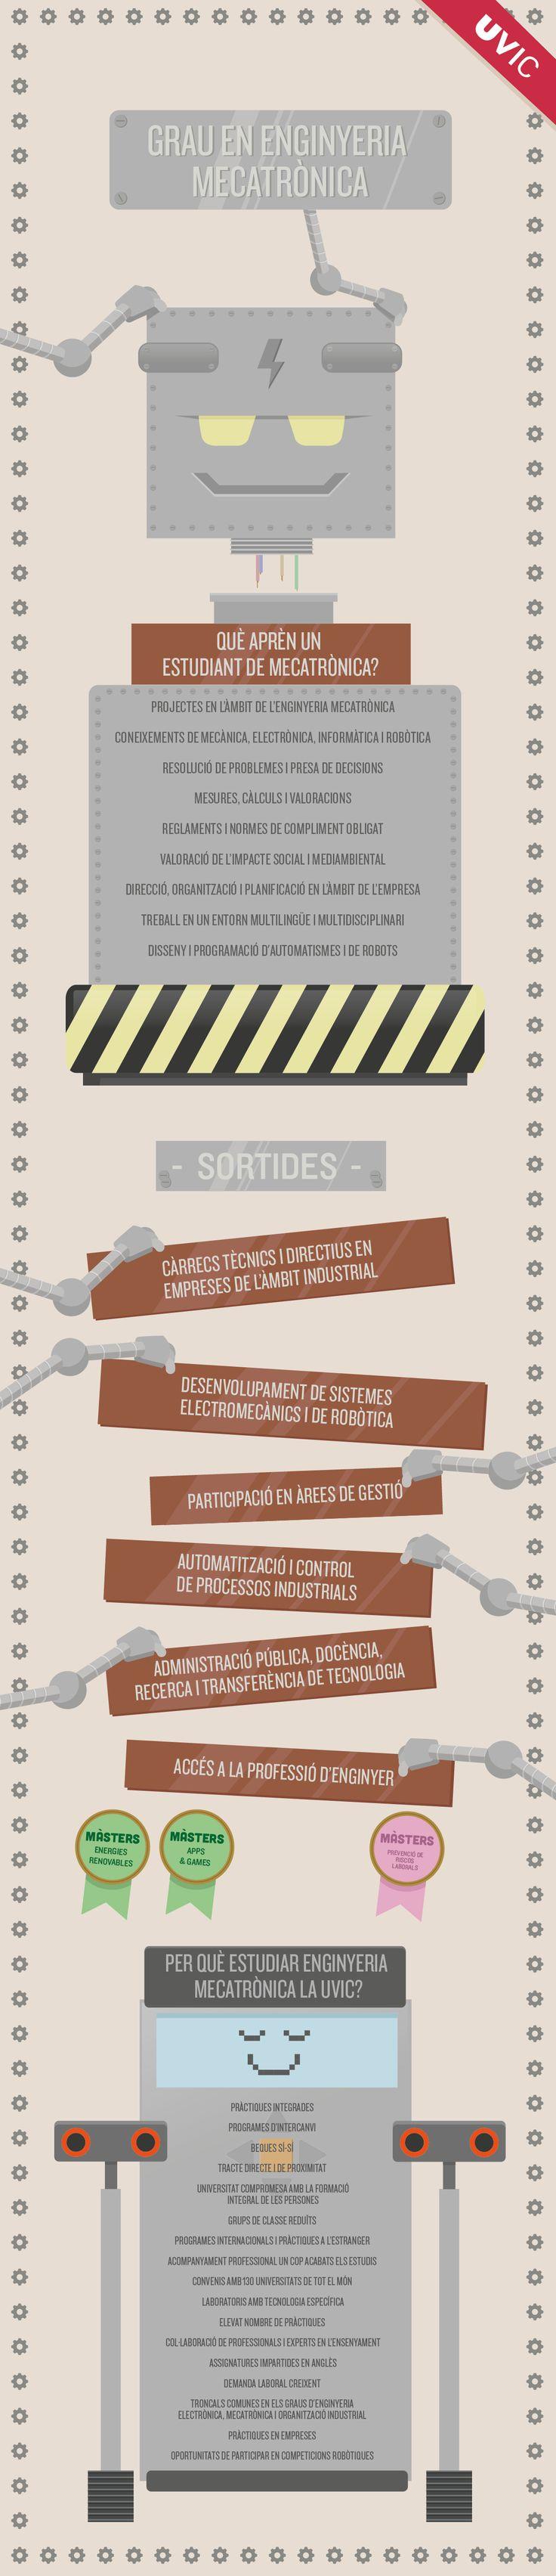 Infografia del Grau en Mecatrònica. #UVic #Infografia #infografies #Mecatronica #grau #graus